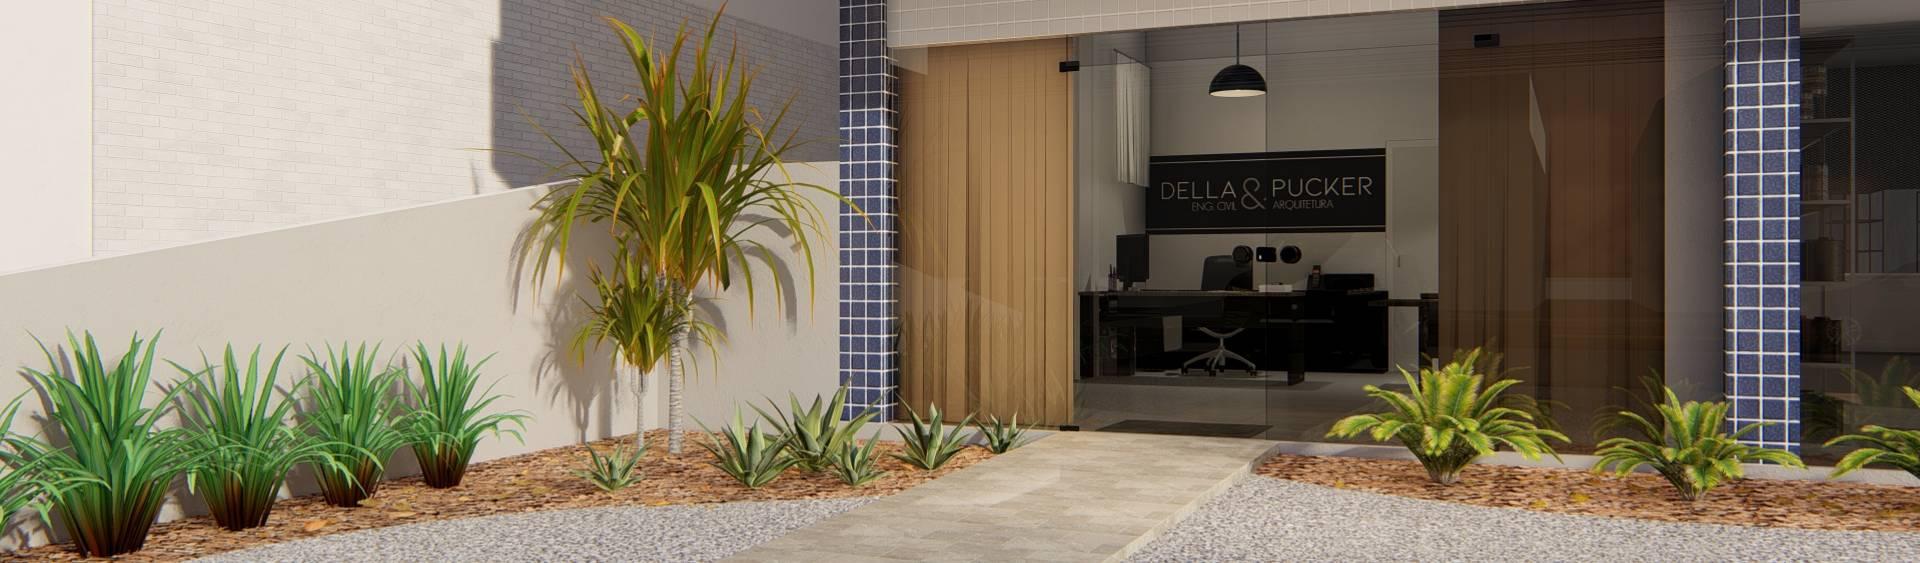 Della&Pucker – Eng. Civil e Arquitetura